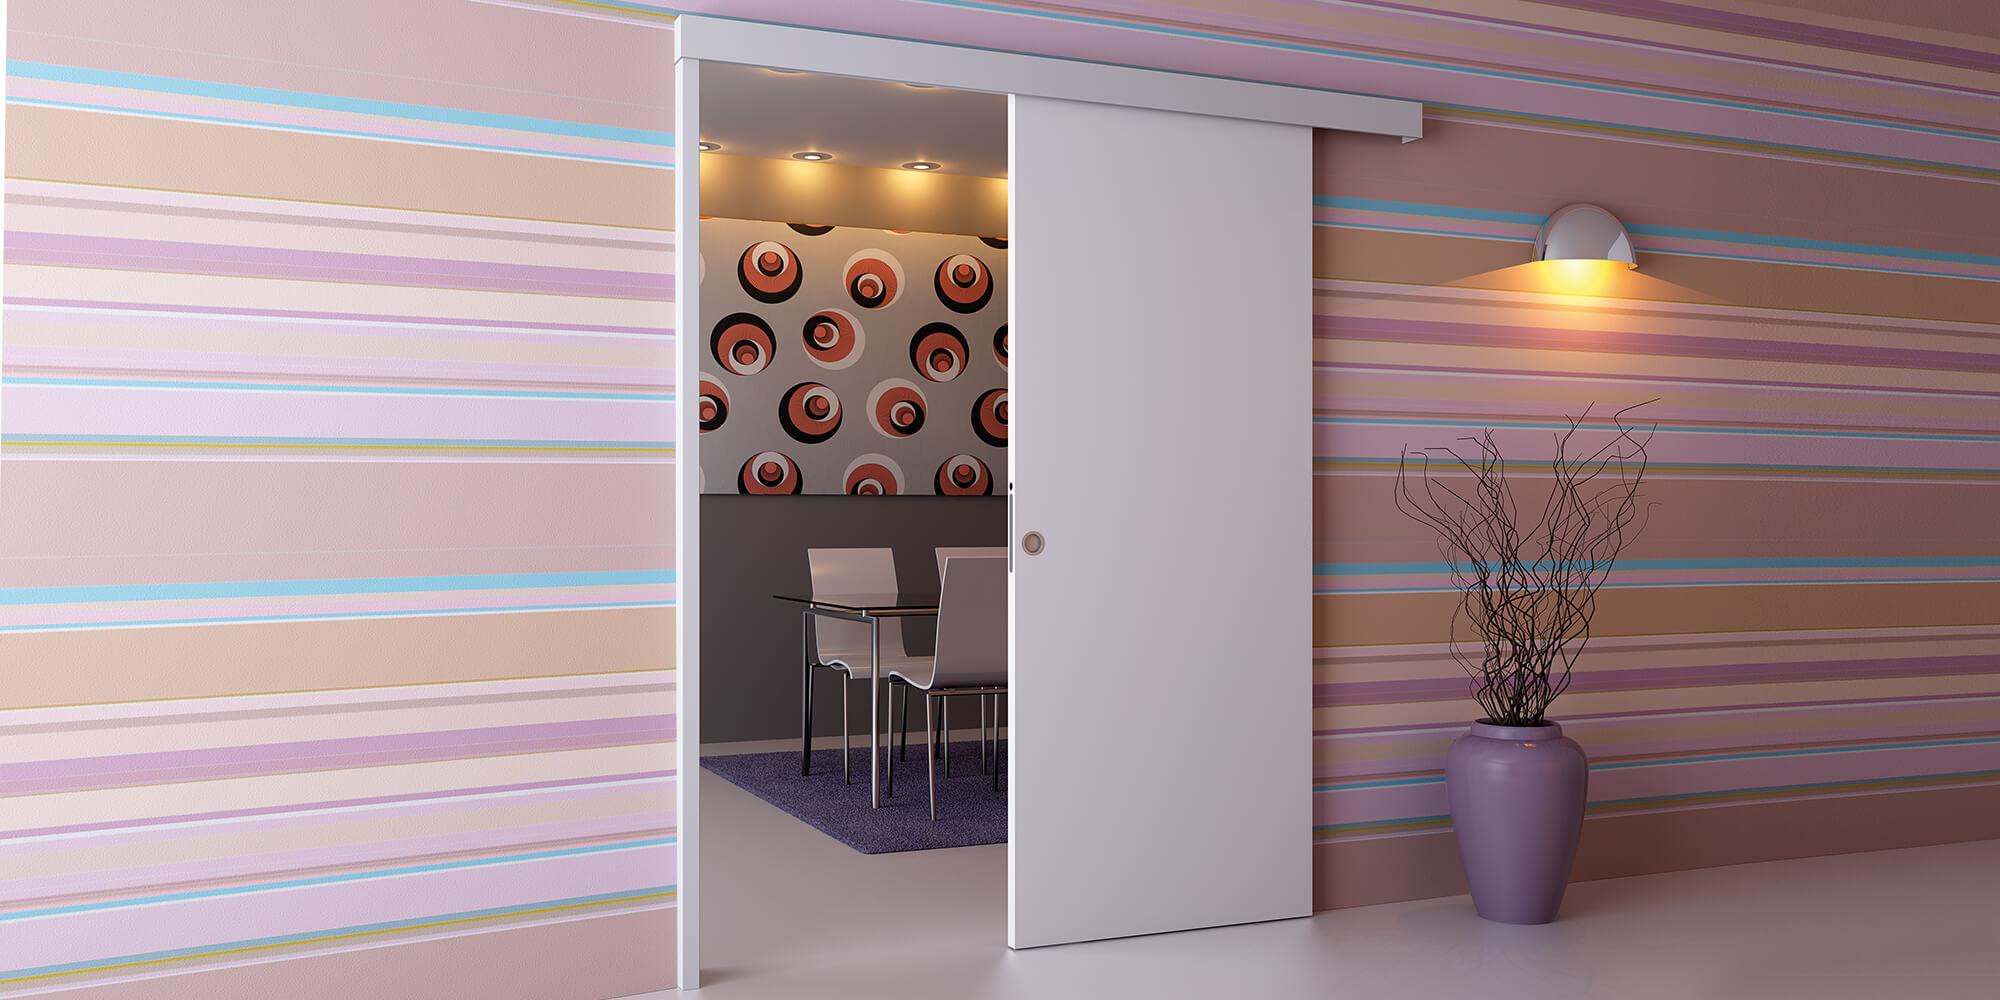 Syst me coulissant pour pose applique porte bois - Systeme coulissant pour pose applique porte ...